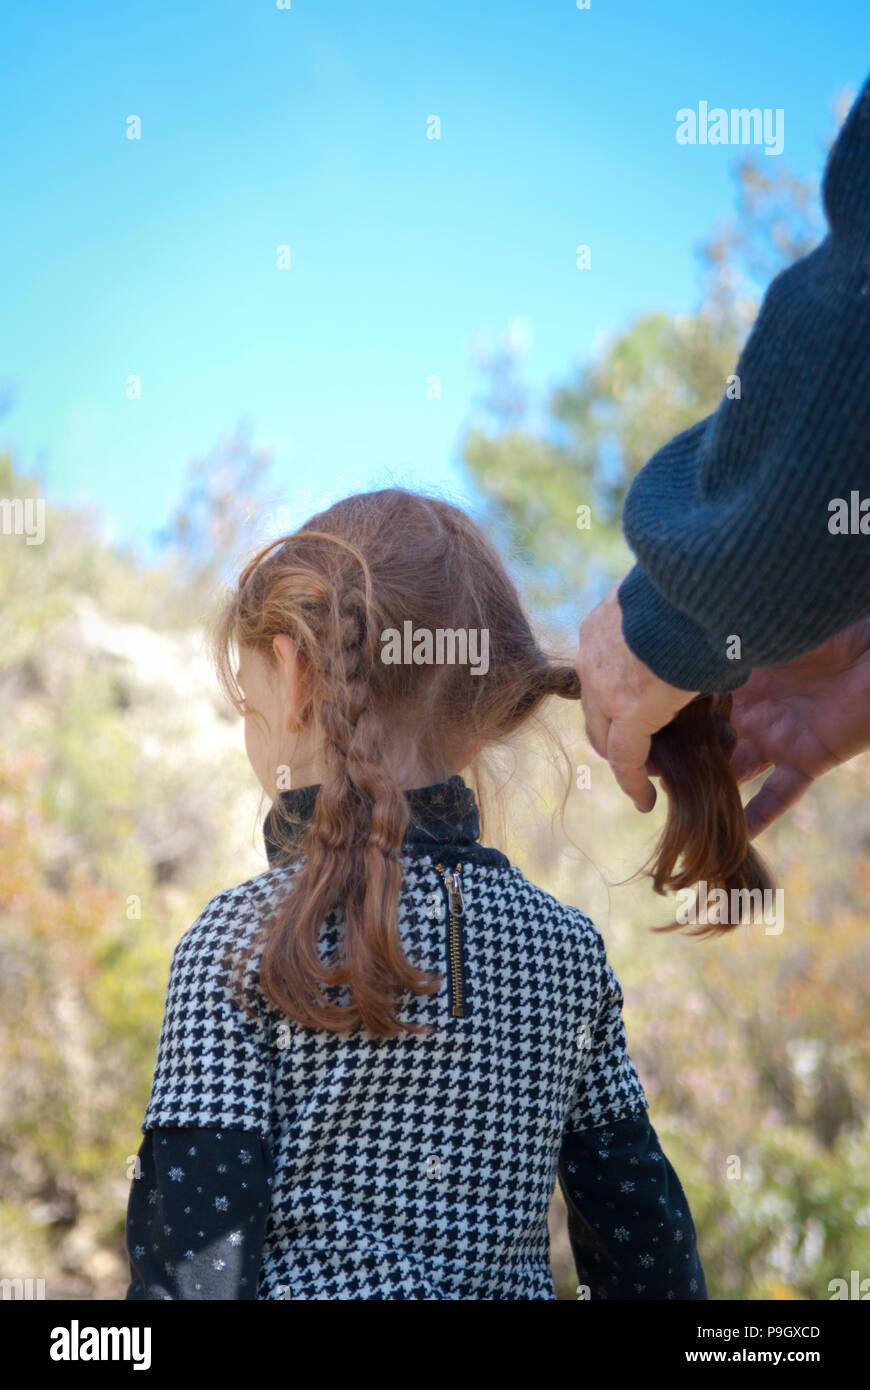 7/8-Ansicht von einem Vater Bindematerial, Rote lange Haare. Seine vier Jahre alte Tochter außerhalb mit Bäumen im Hintergrund Stockbild